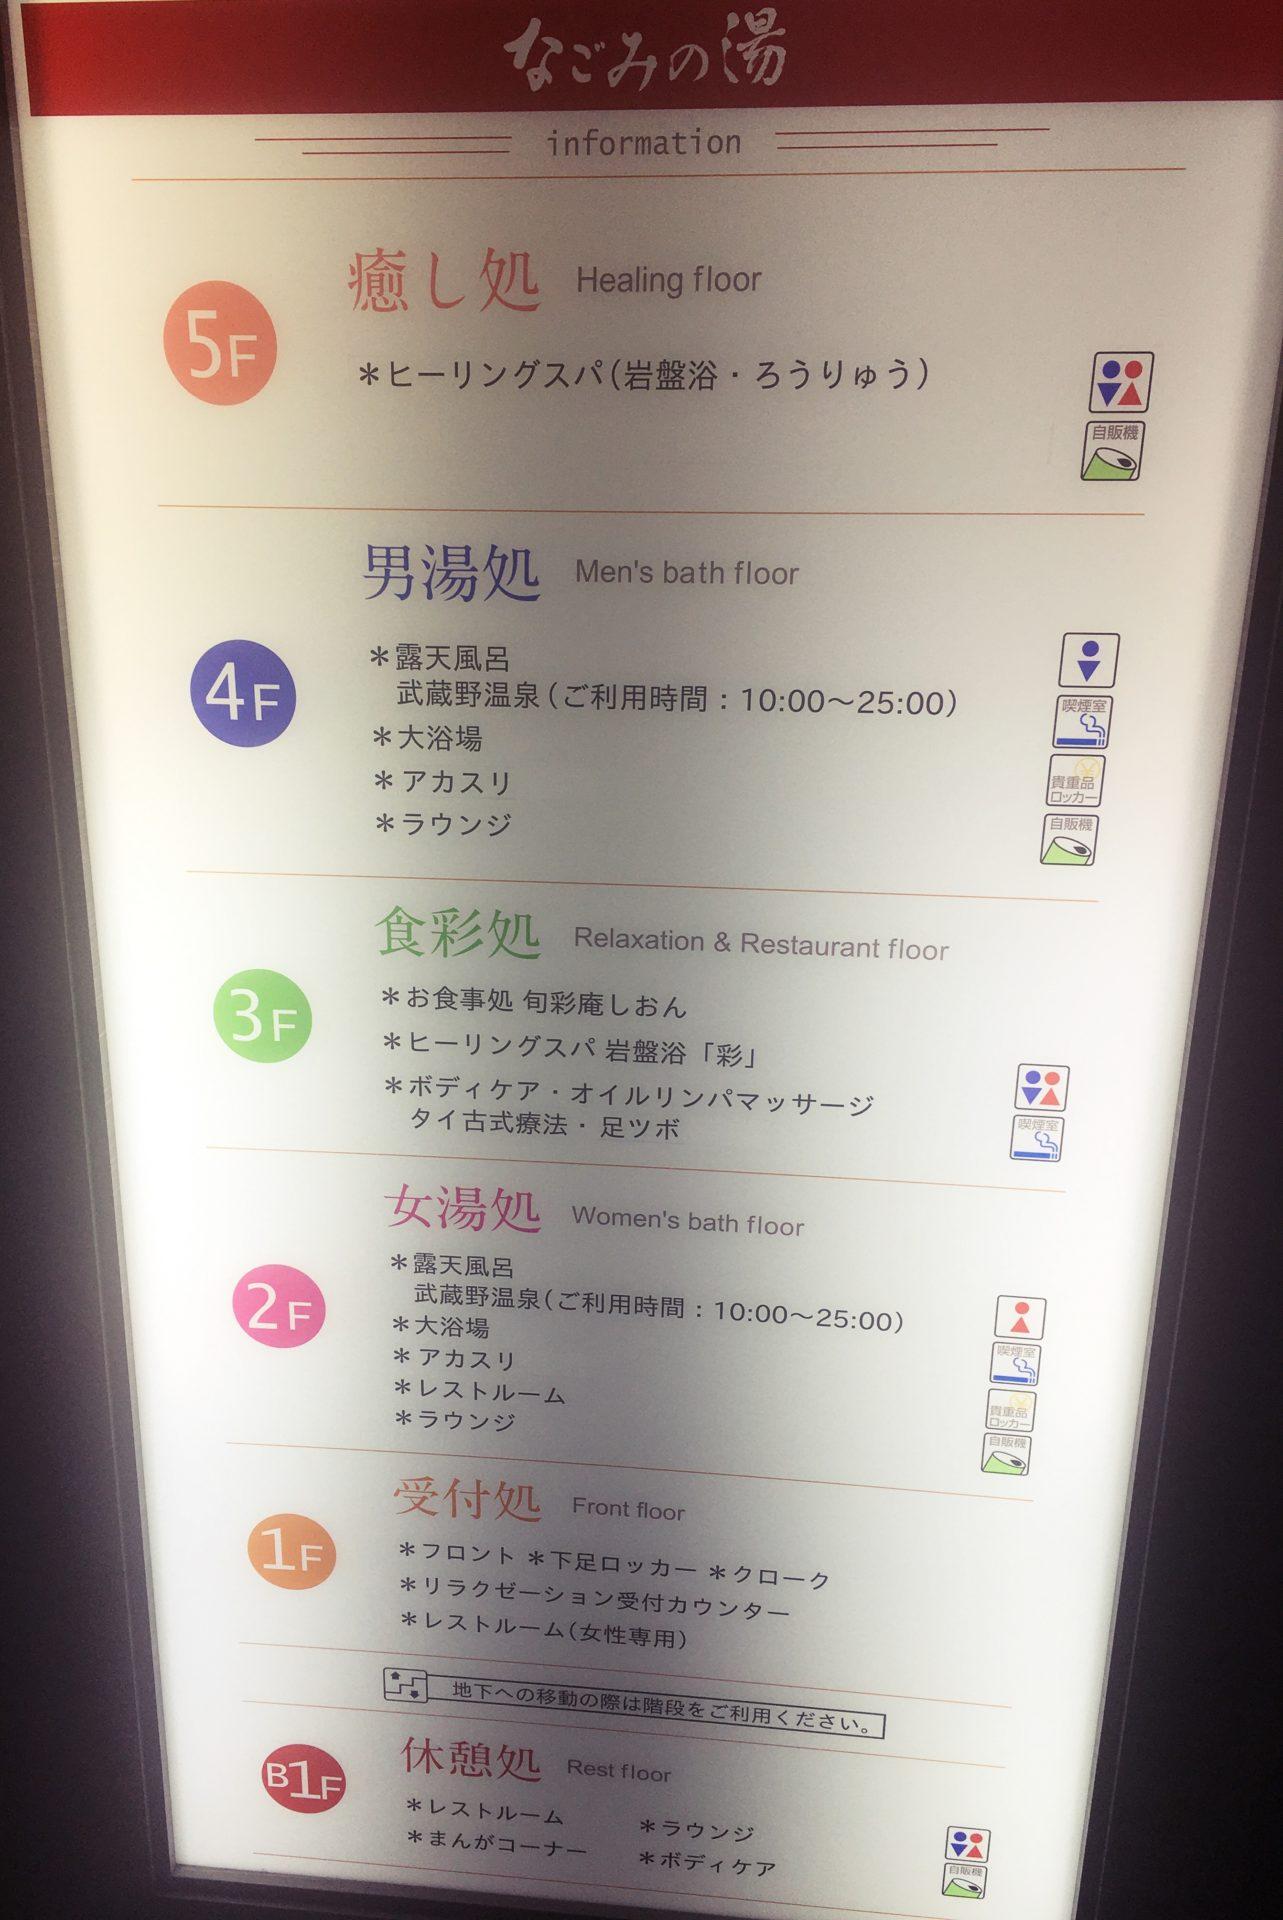 日本, 一時帰国, 温泉, 銭湯